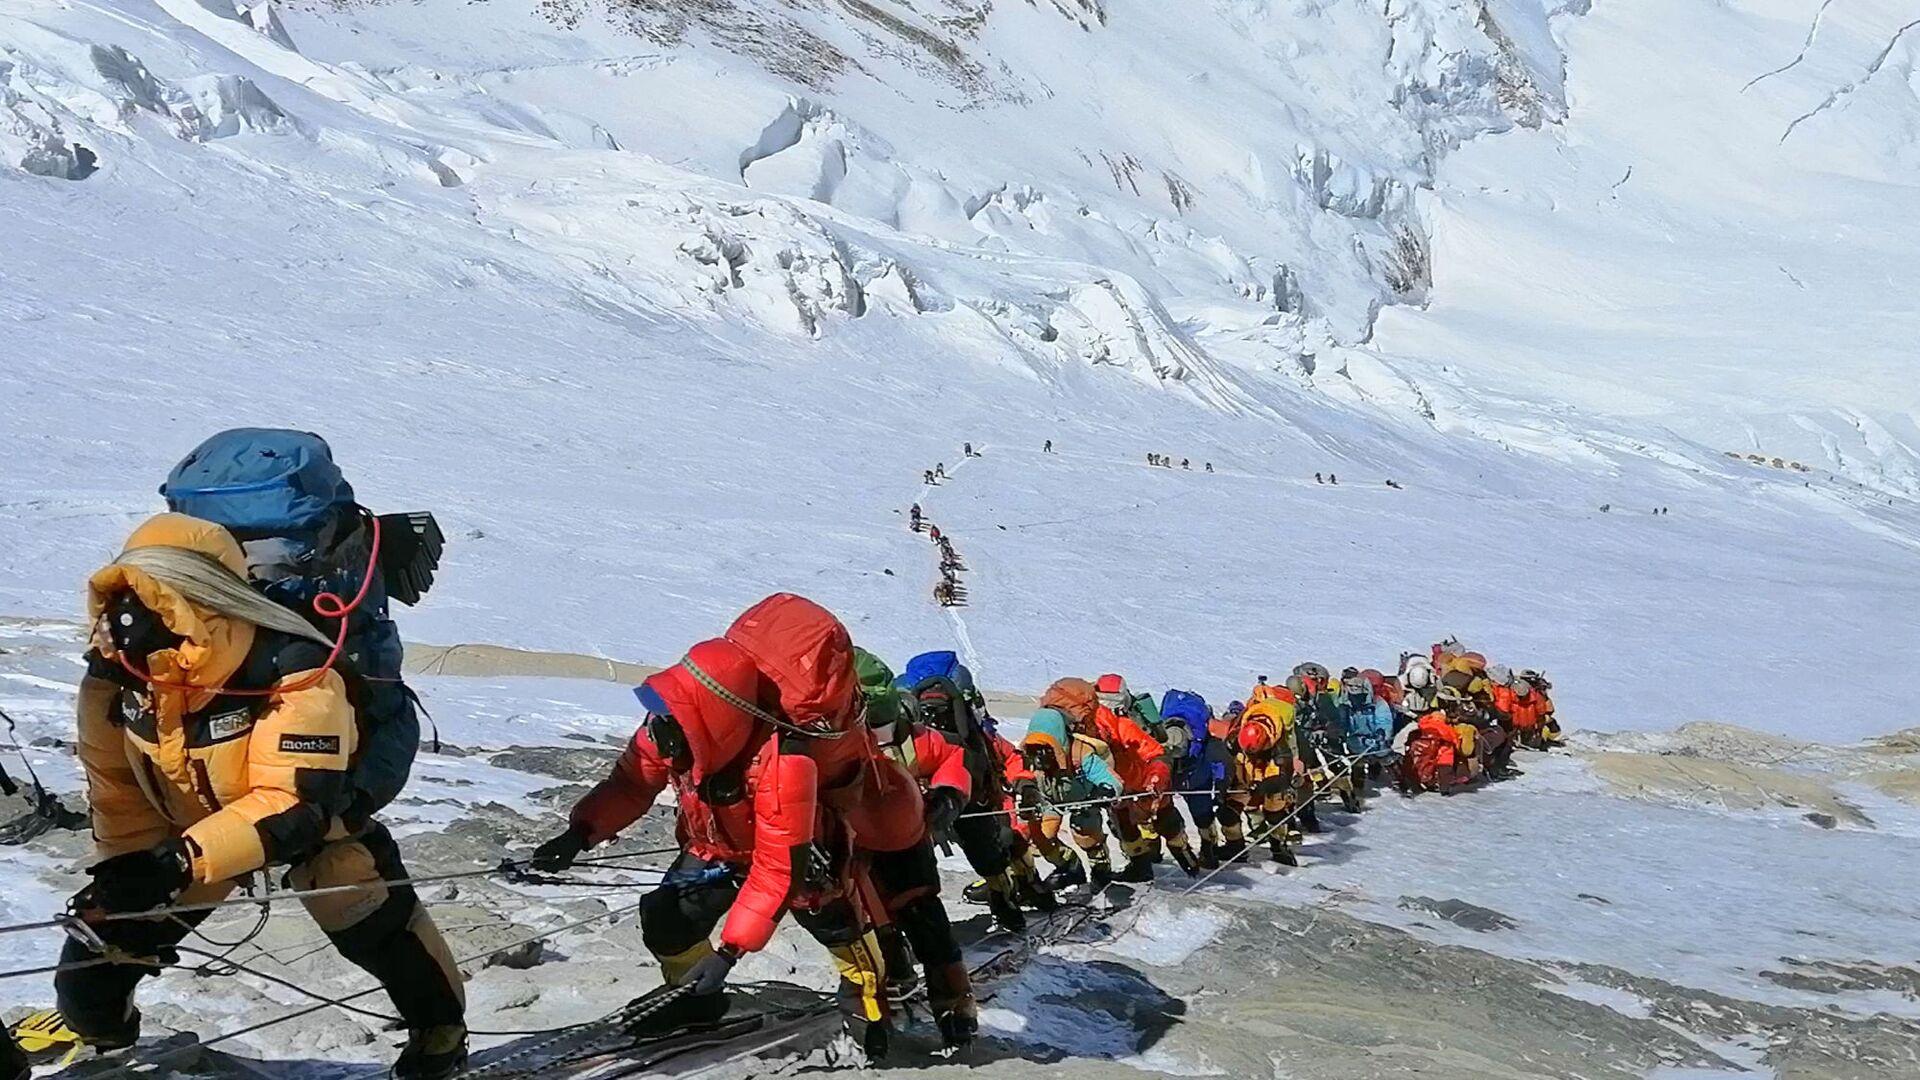 Tonnellate di rifiuti sull'Everest: opere d'arte vendute ad aste in Europa - Sputnik Italia, 1920, 08.02.2021